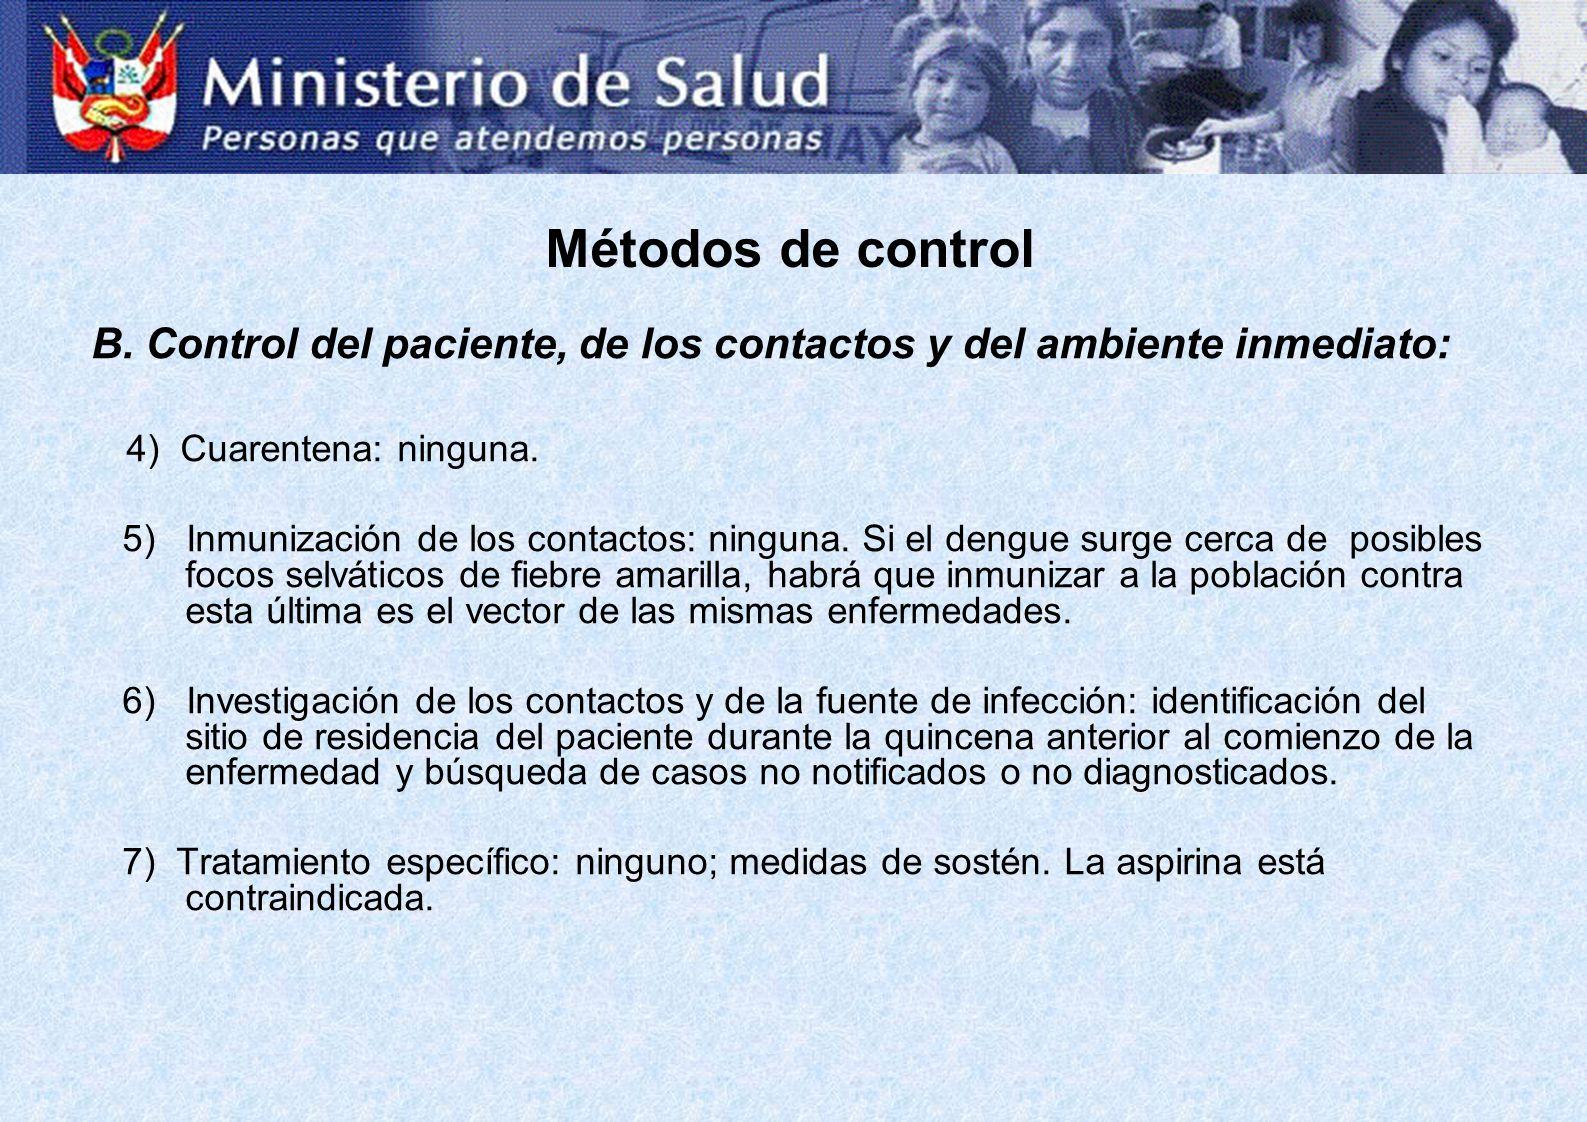 Métodos de control B. Control del paciente, de los contactos y del ambiente inmediato: 4) Cuarentena: ninguna.